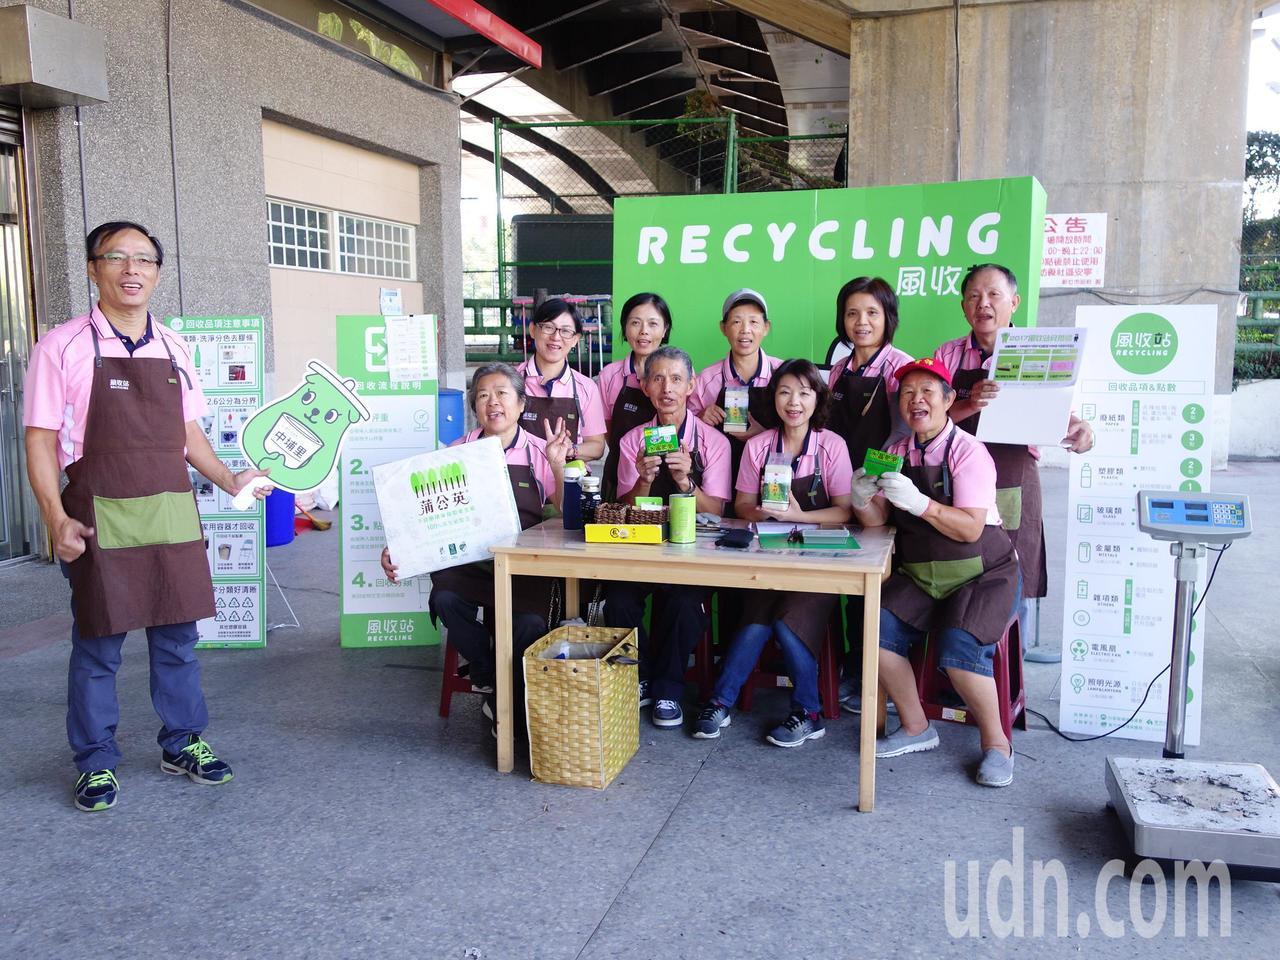 新竹市中埔里風收站成立後,協助當地居民做好資源回收,里上也變得更乾淨整潔。記者郭...